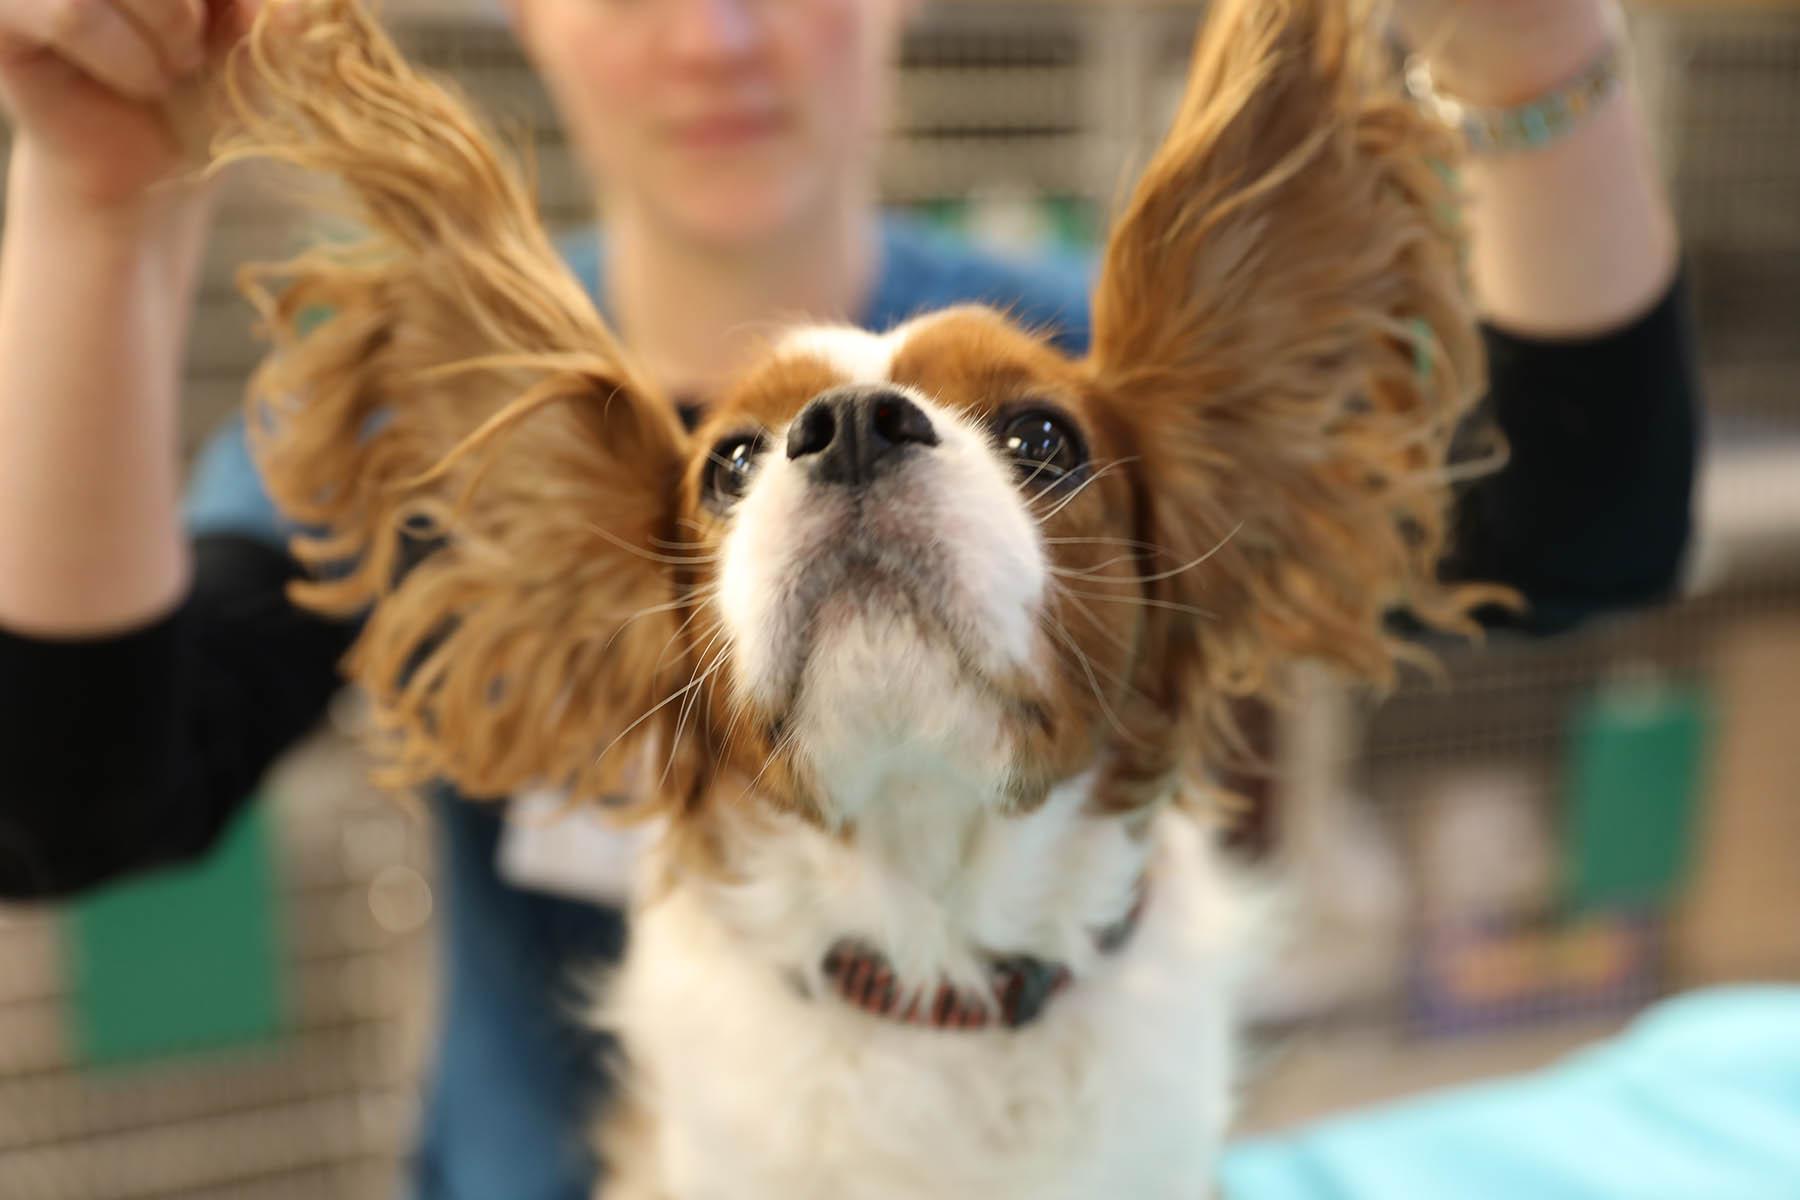 Dog getting ear exam